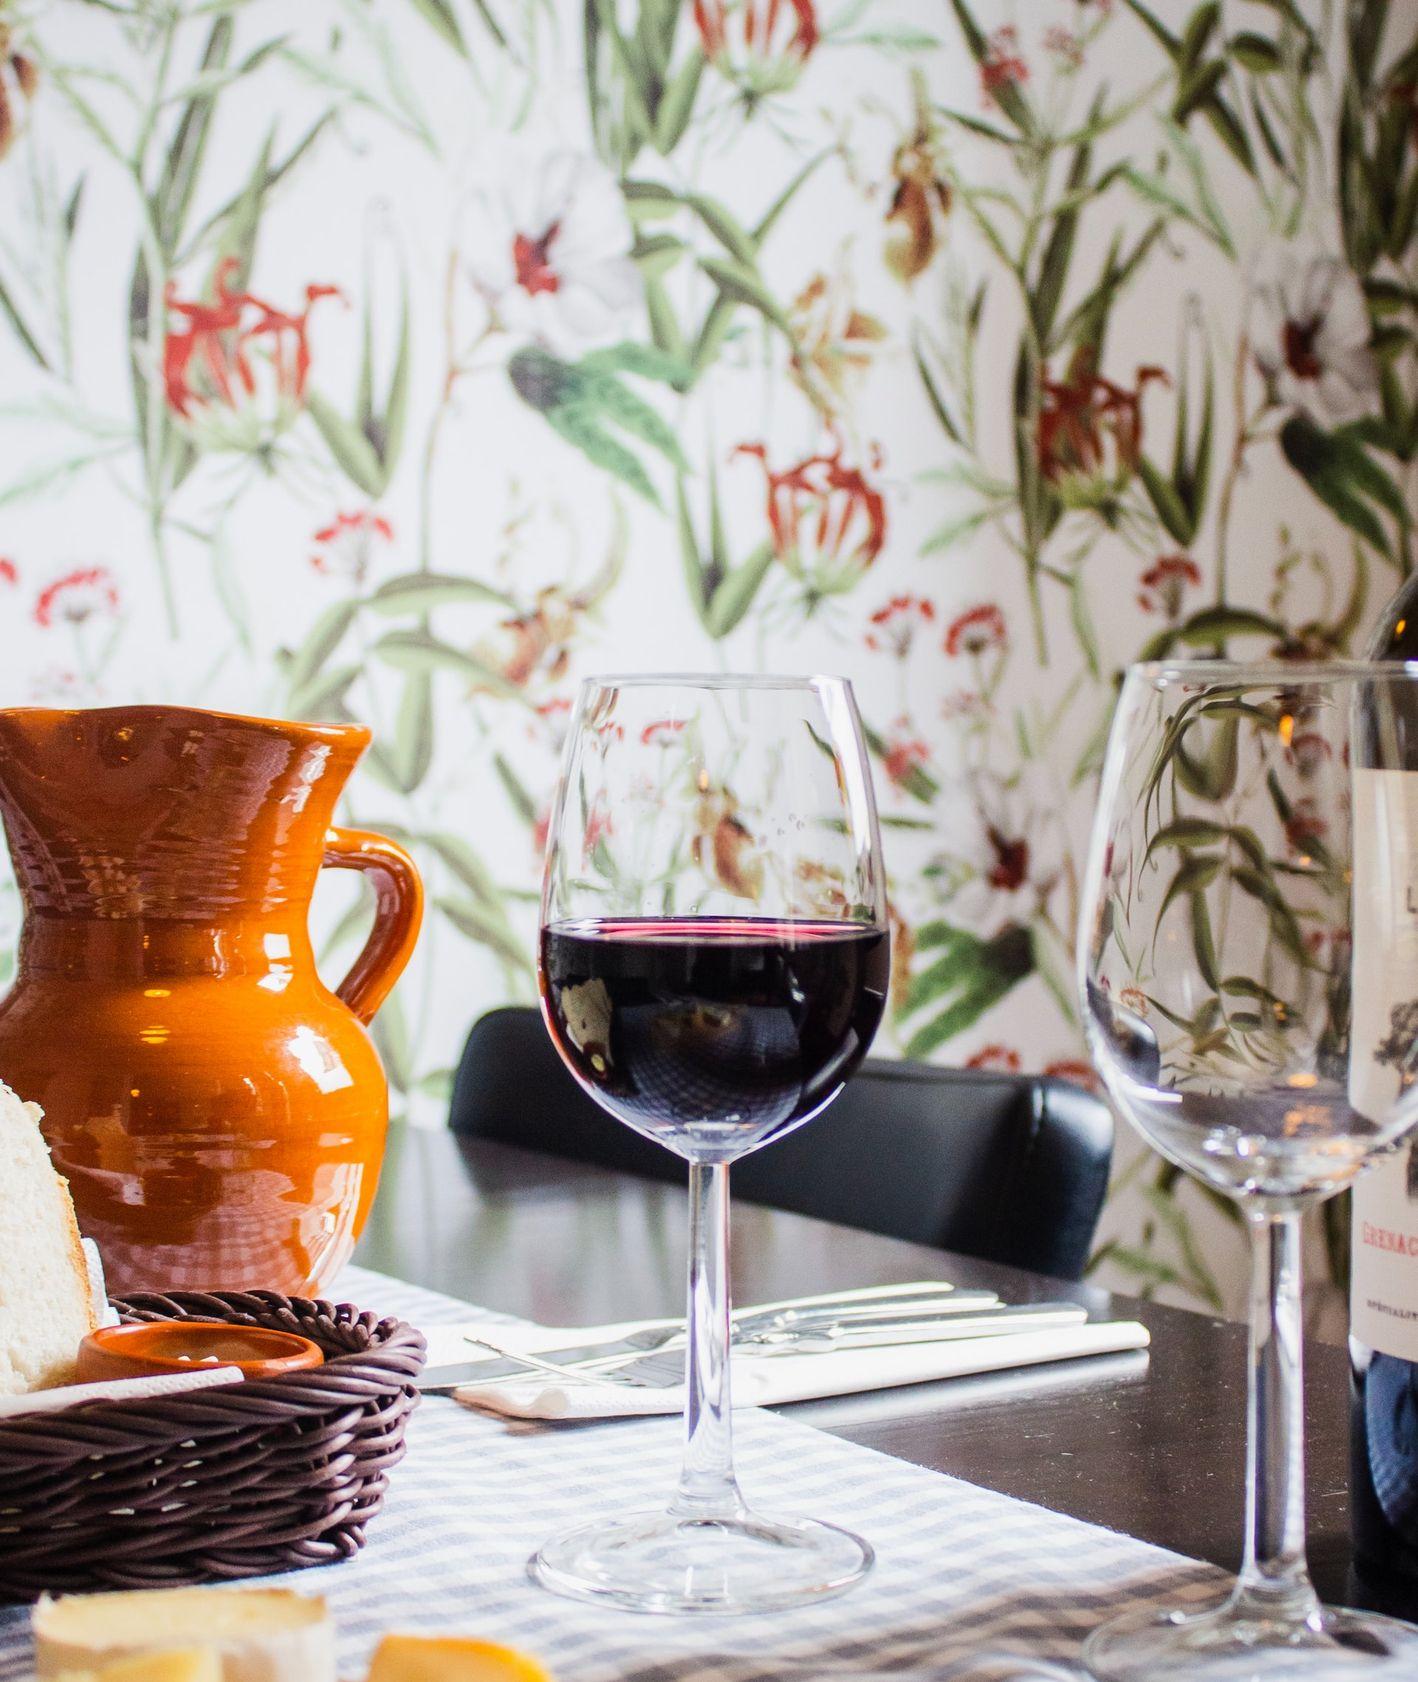 Kieliszek czerwonego wina i deska serów (fot. Louis Hansel / unsplash.com)